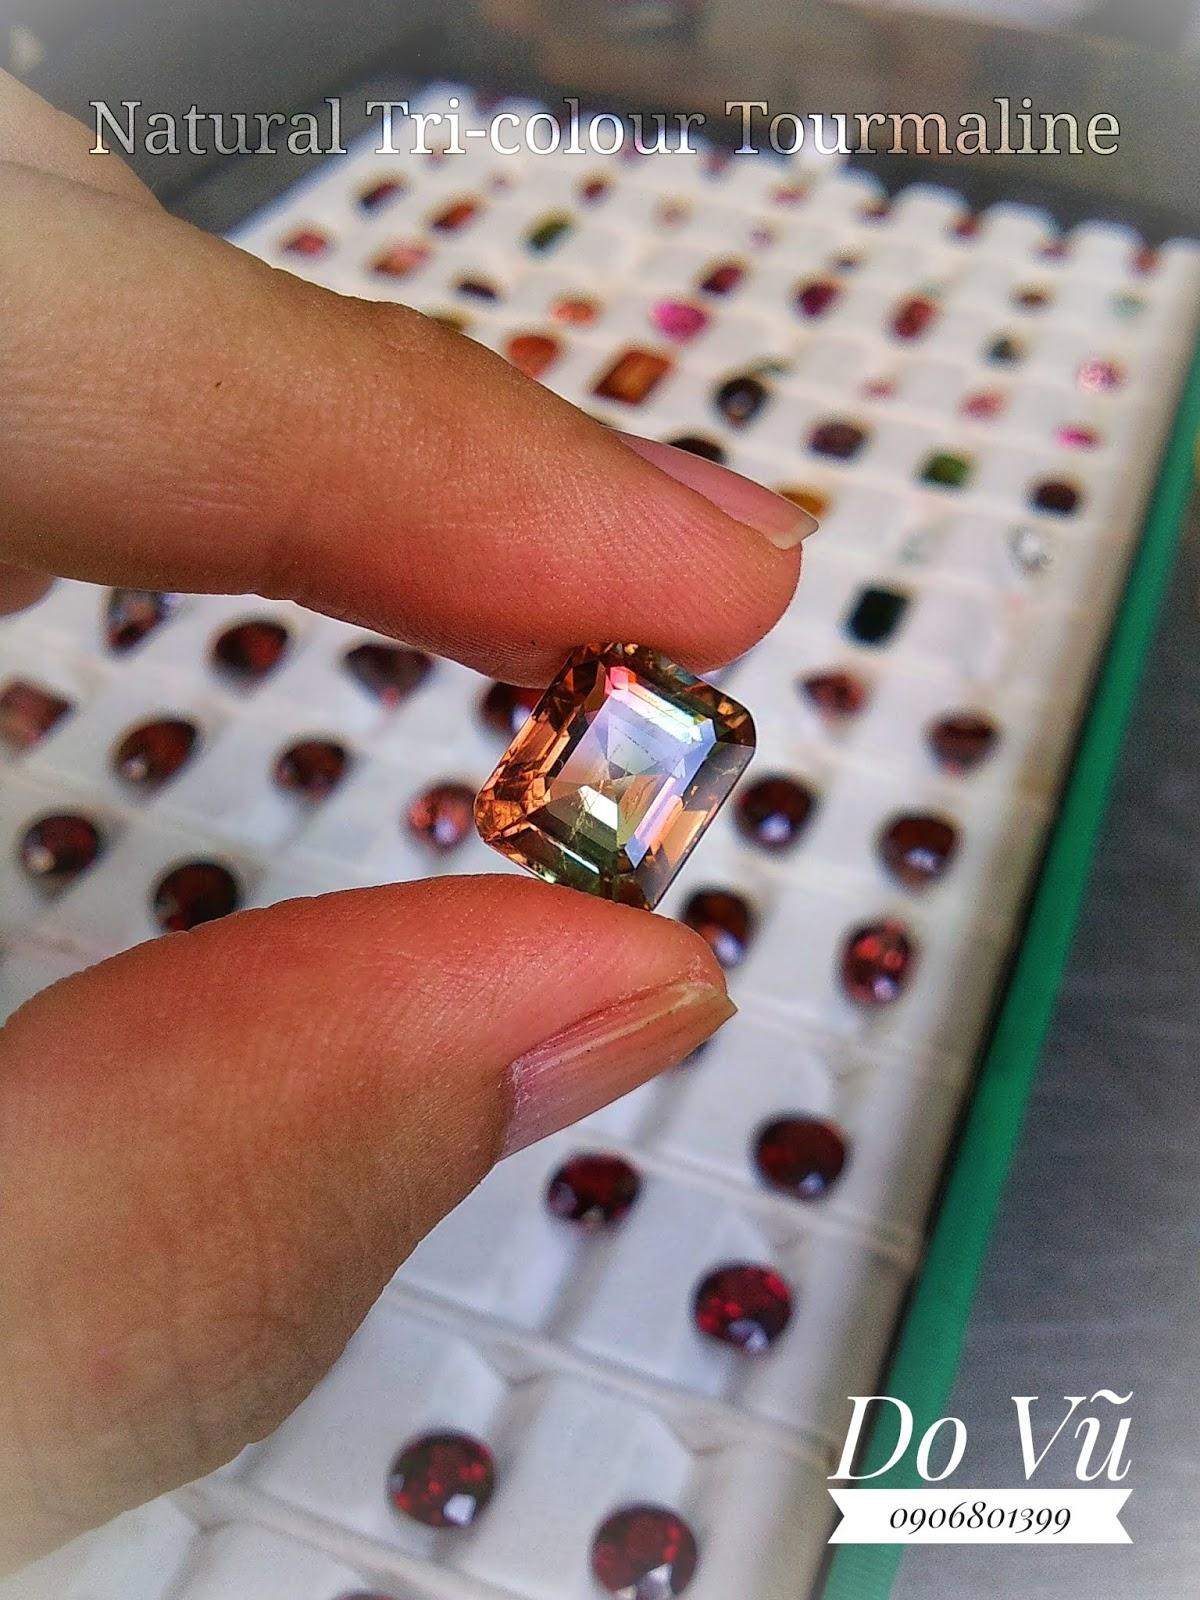 Đá quý Tourmaline thiên nhiên 3 màu Phúc Lộc Thọ, Natural Tri-colour Tourmaline lửa mạnh ( 12/04/20, 03 )